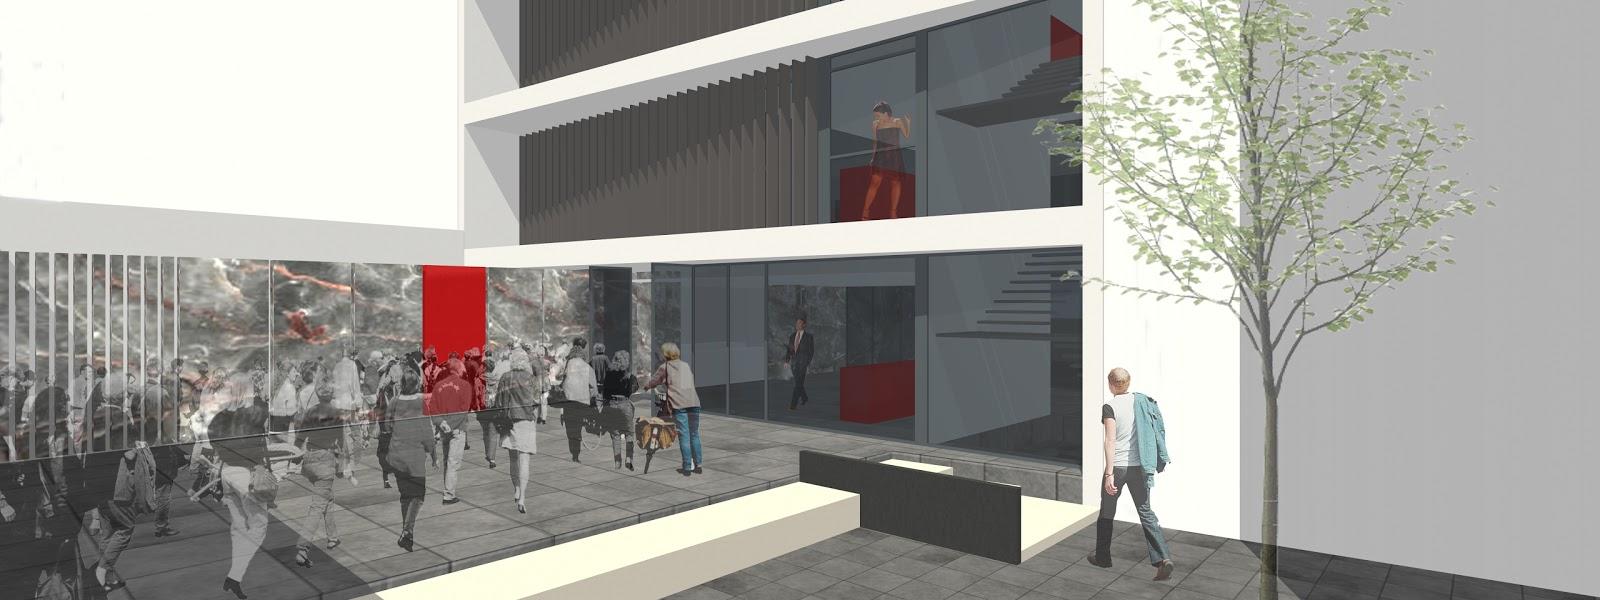 En la calle del colegio dg arquitecto valencia - Arquitectos en valencia ...